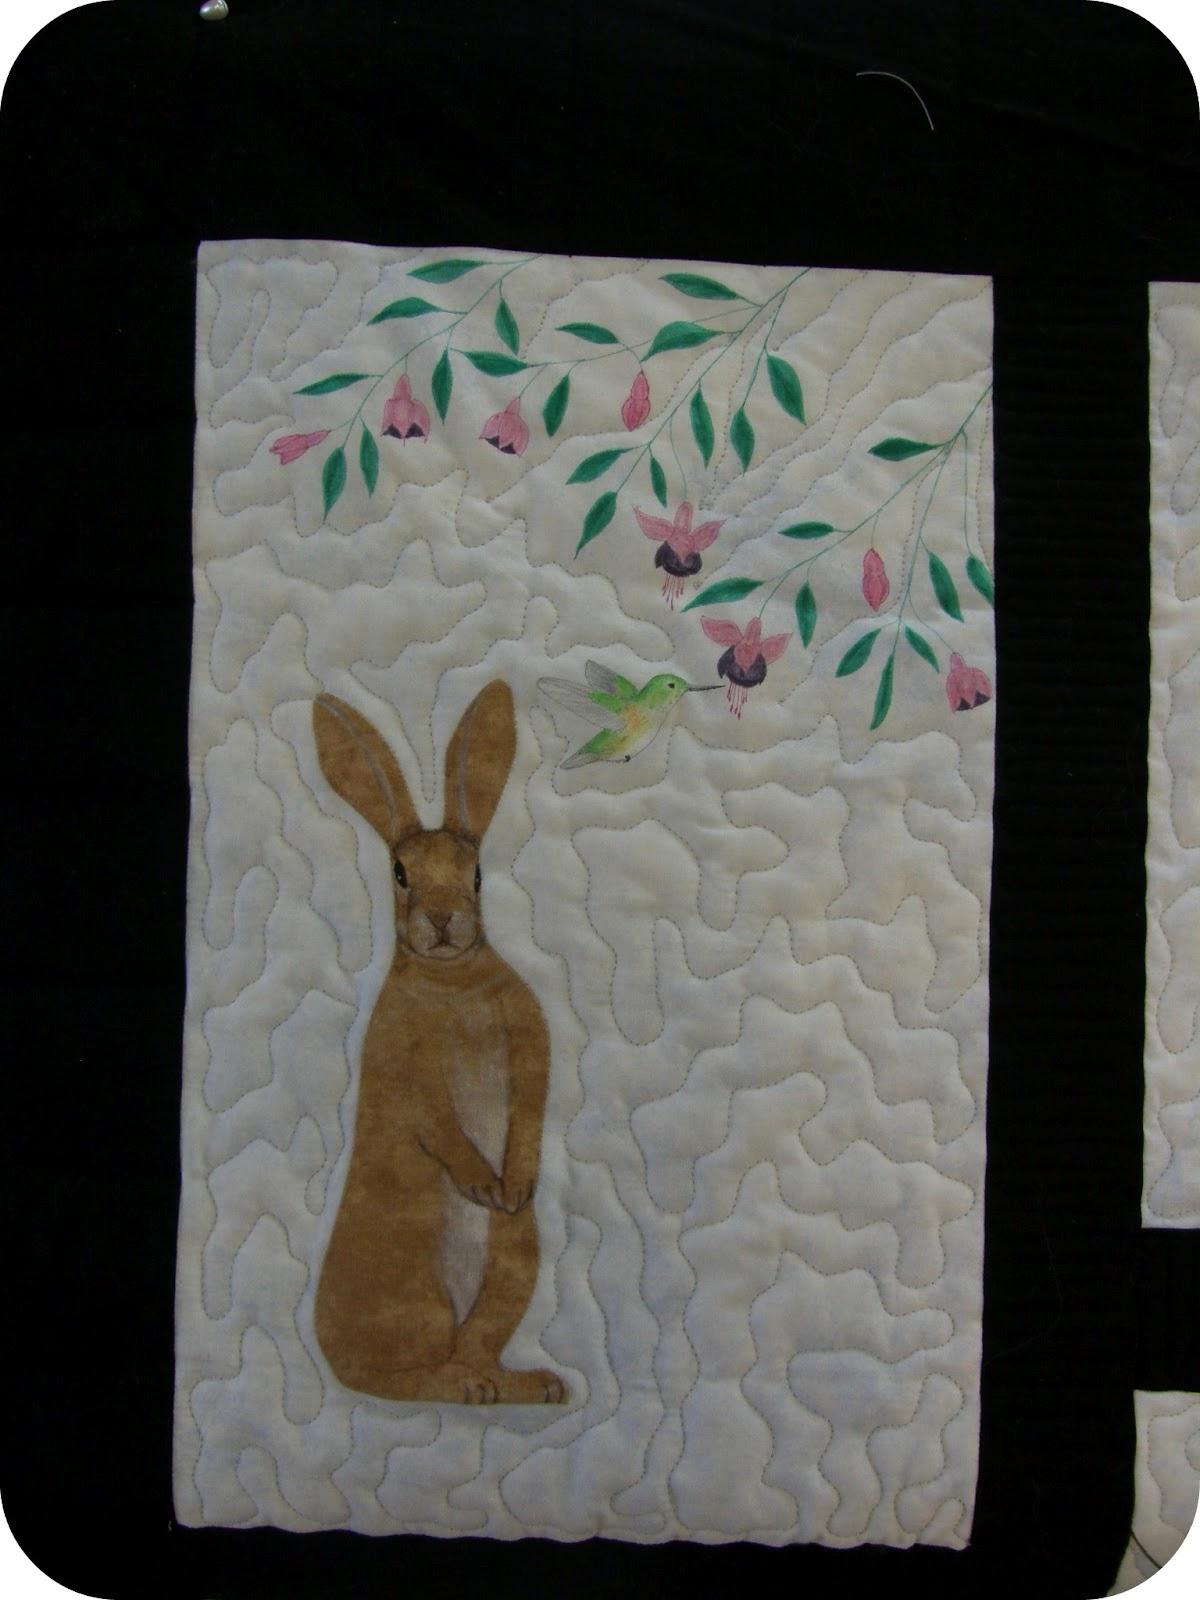 Bunny Appliqué Folk Art - Homepage - allpeoplequilt.com